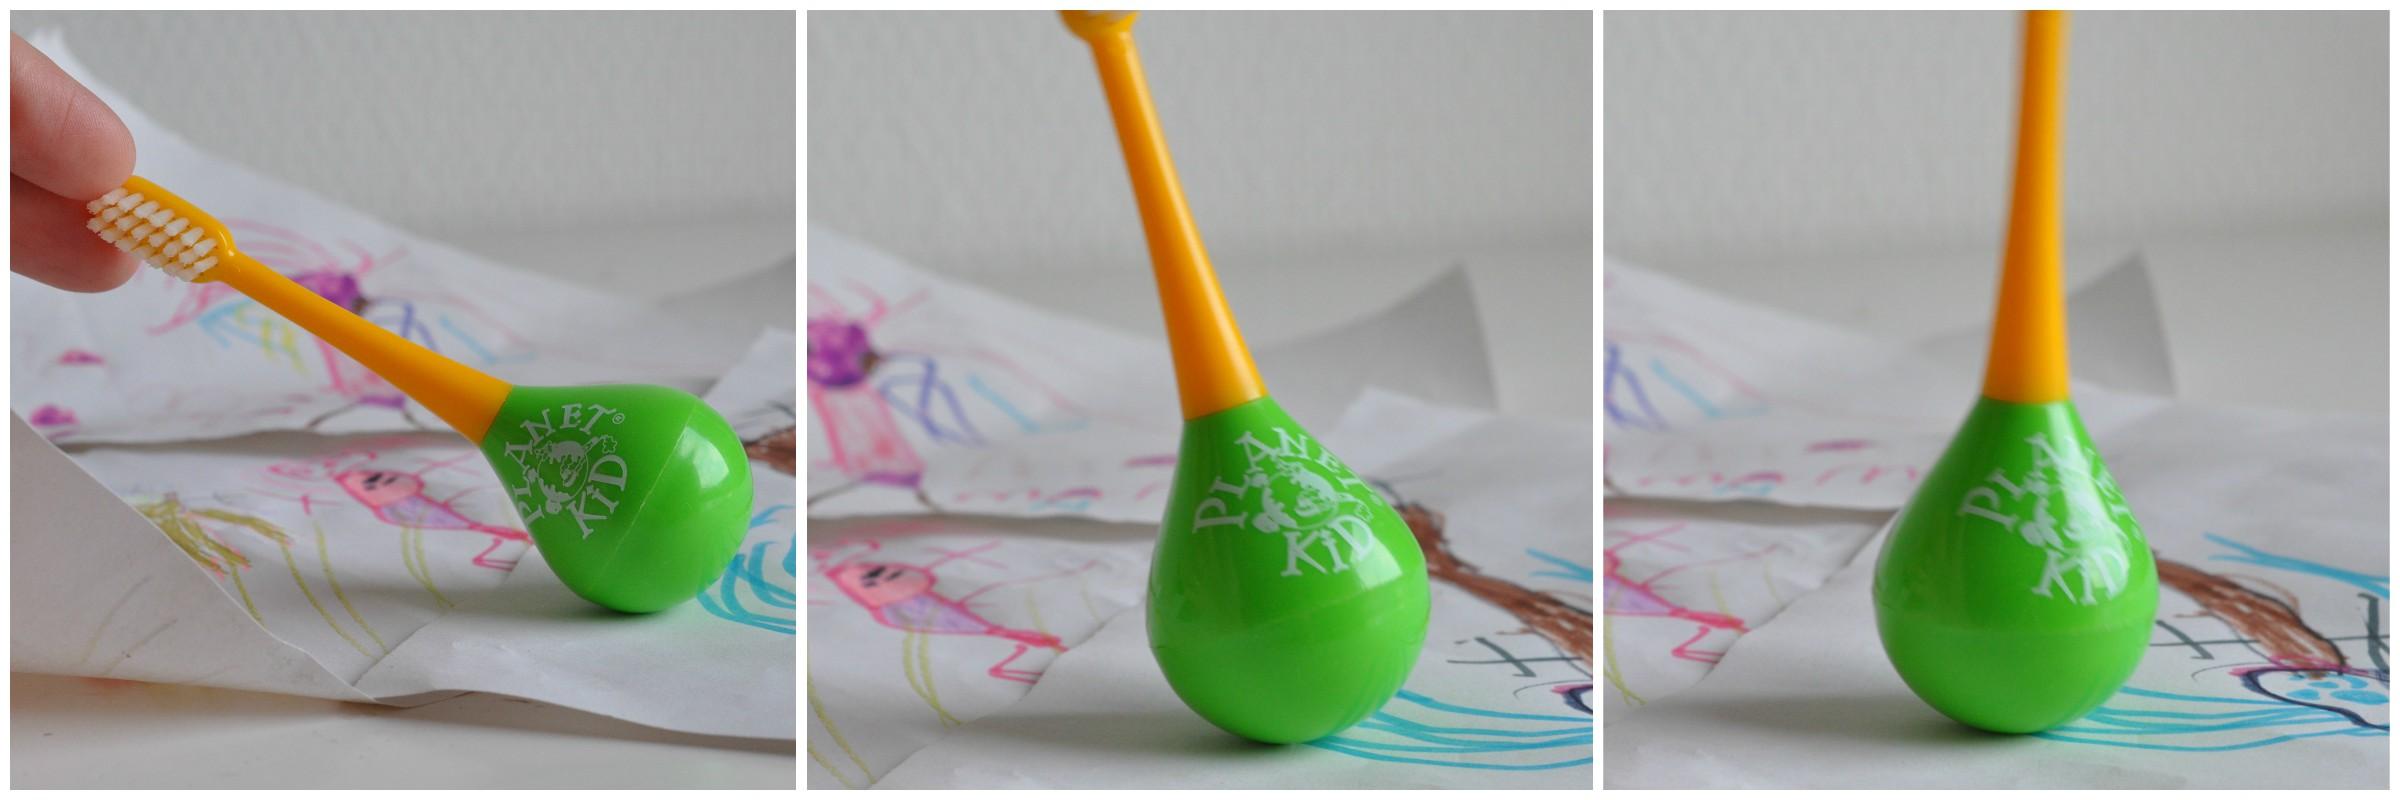 Les Trolettes Testent : La brosse à dent Culbuto de Planet Kid - Mon Petit Quelque Chose